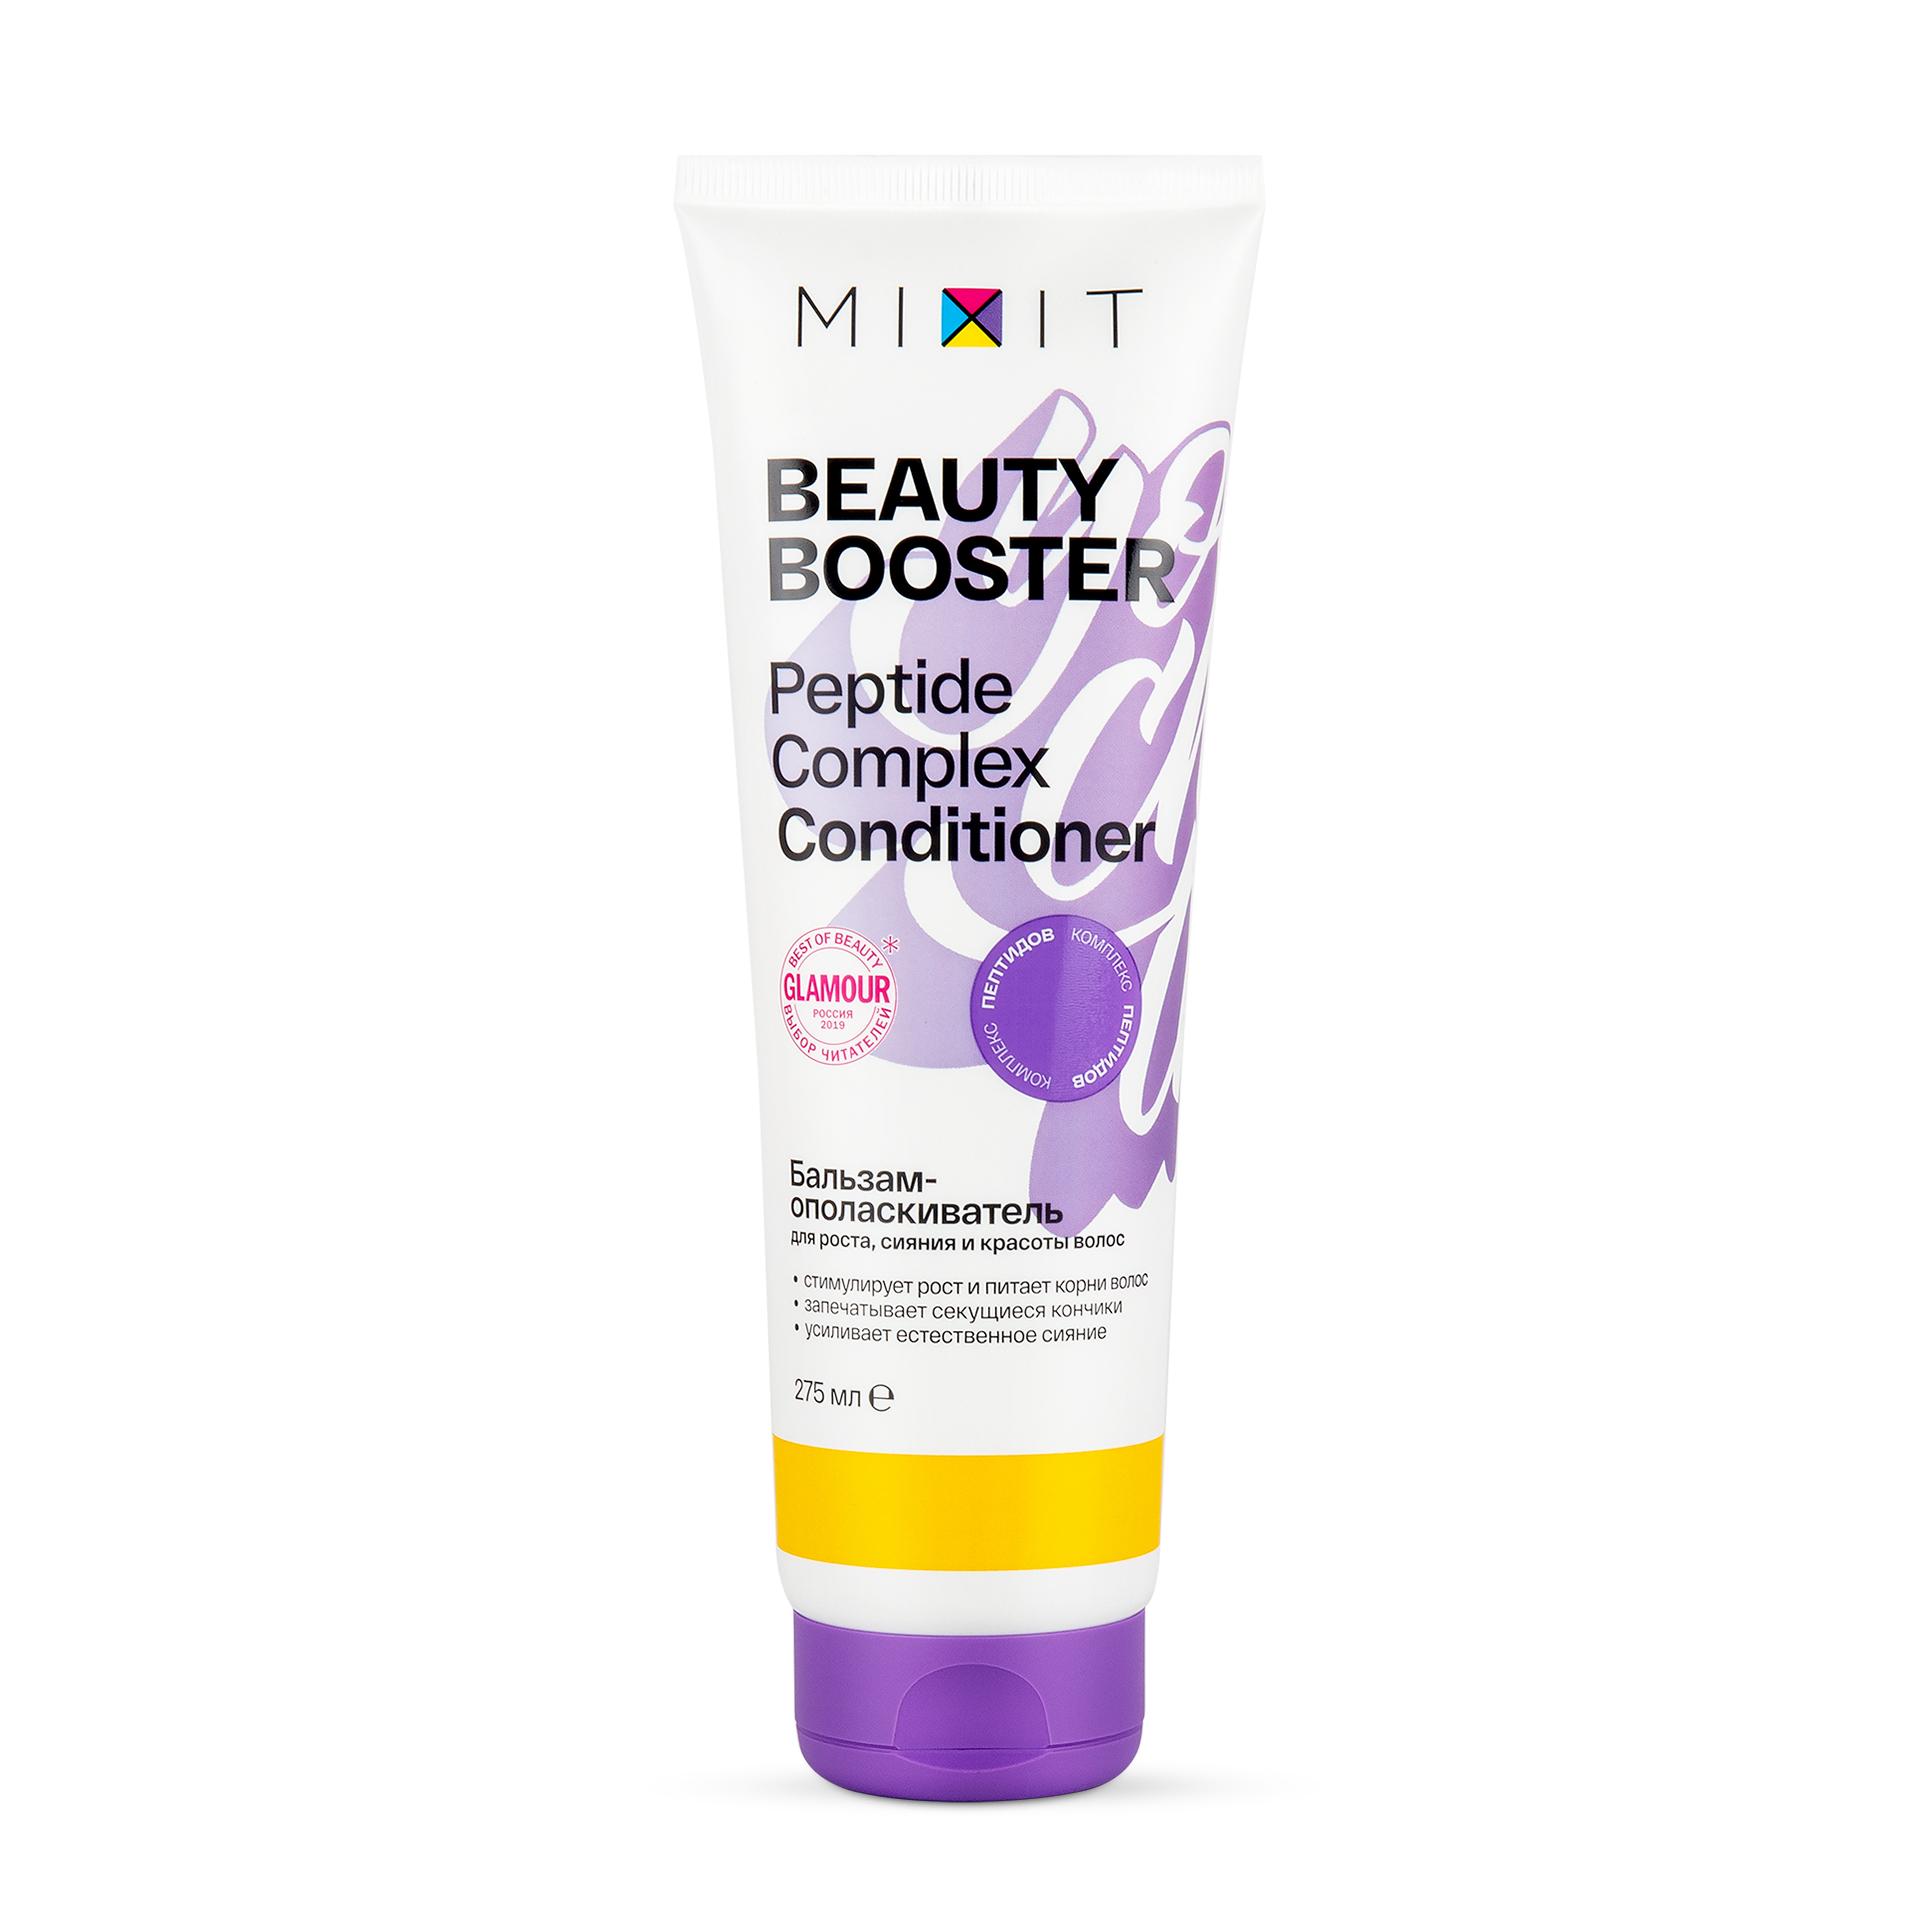 Купить MIXIT Бальзам-ополаскиватель «BEAUTY BOOSTER» для роста, сияния и красоты волос, 275 мл (MIXIT, Для волос)